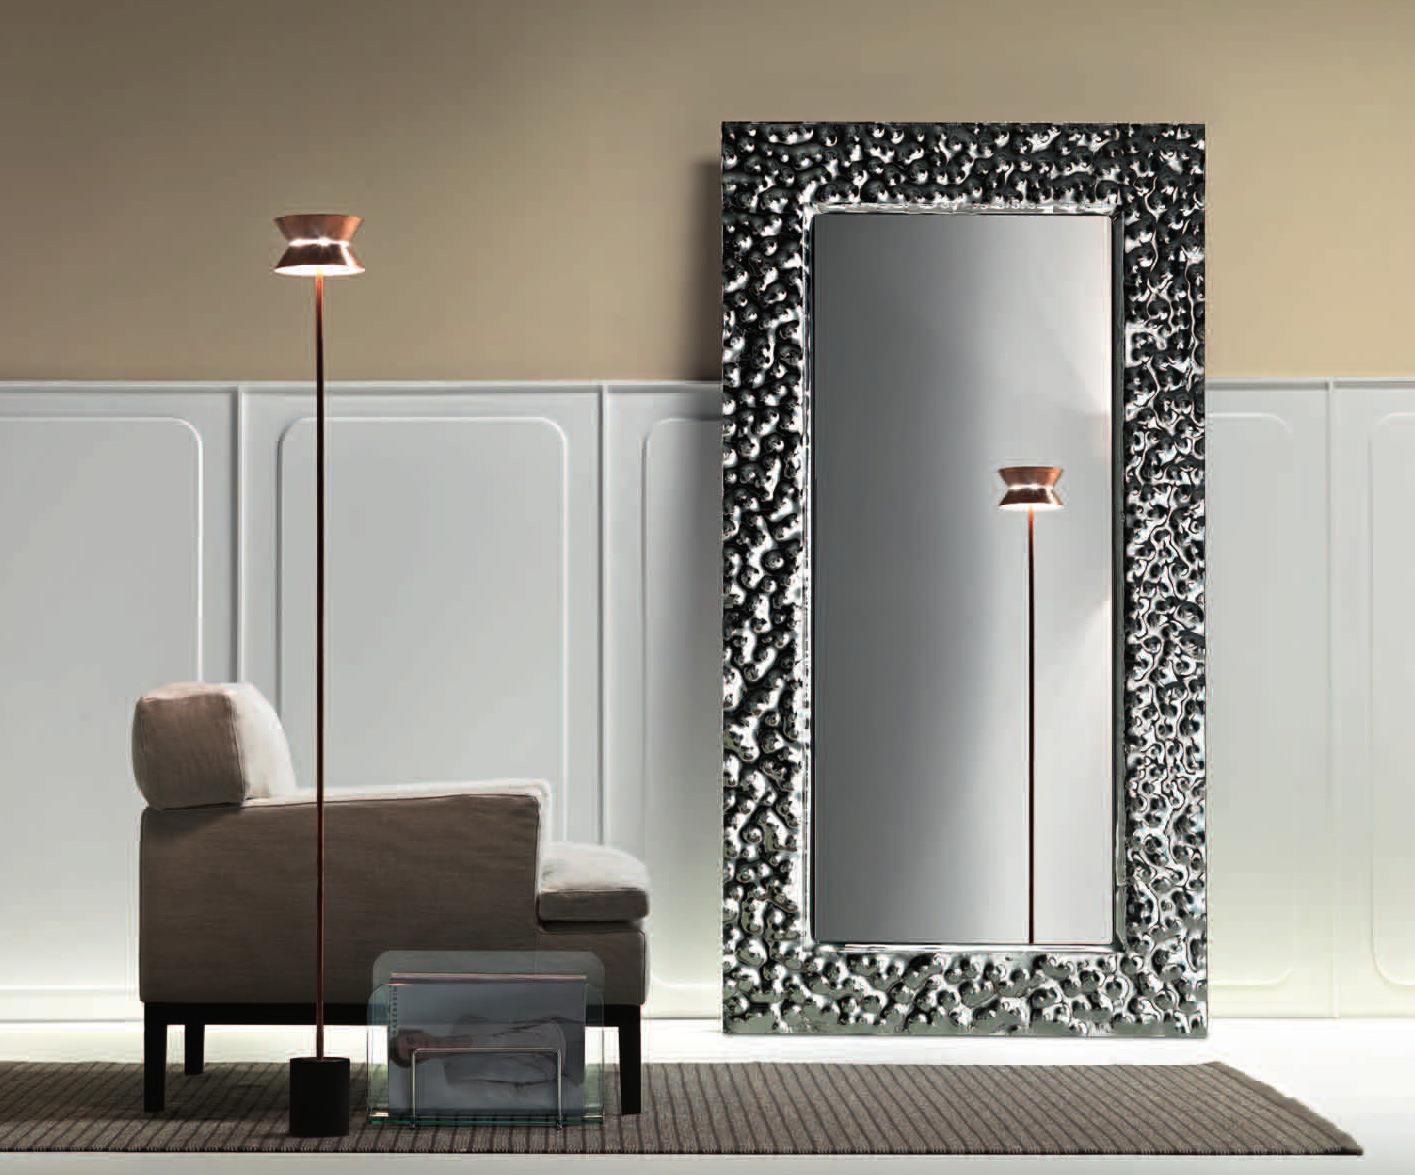 Awesome Specchi Moderni Per Camera Da Letto Gallery - House Design ...